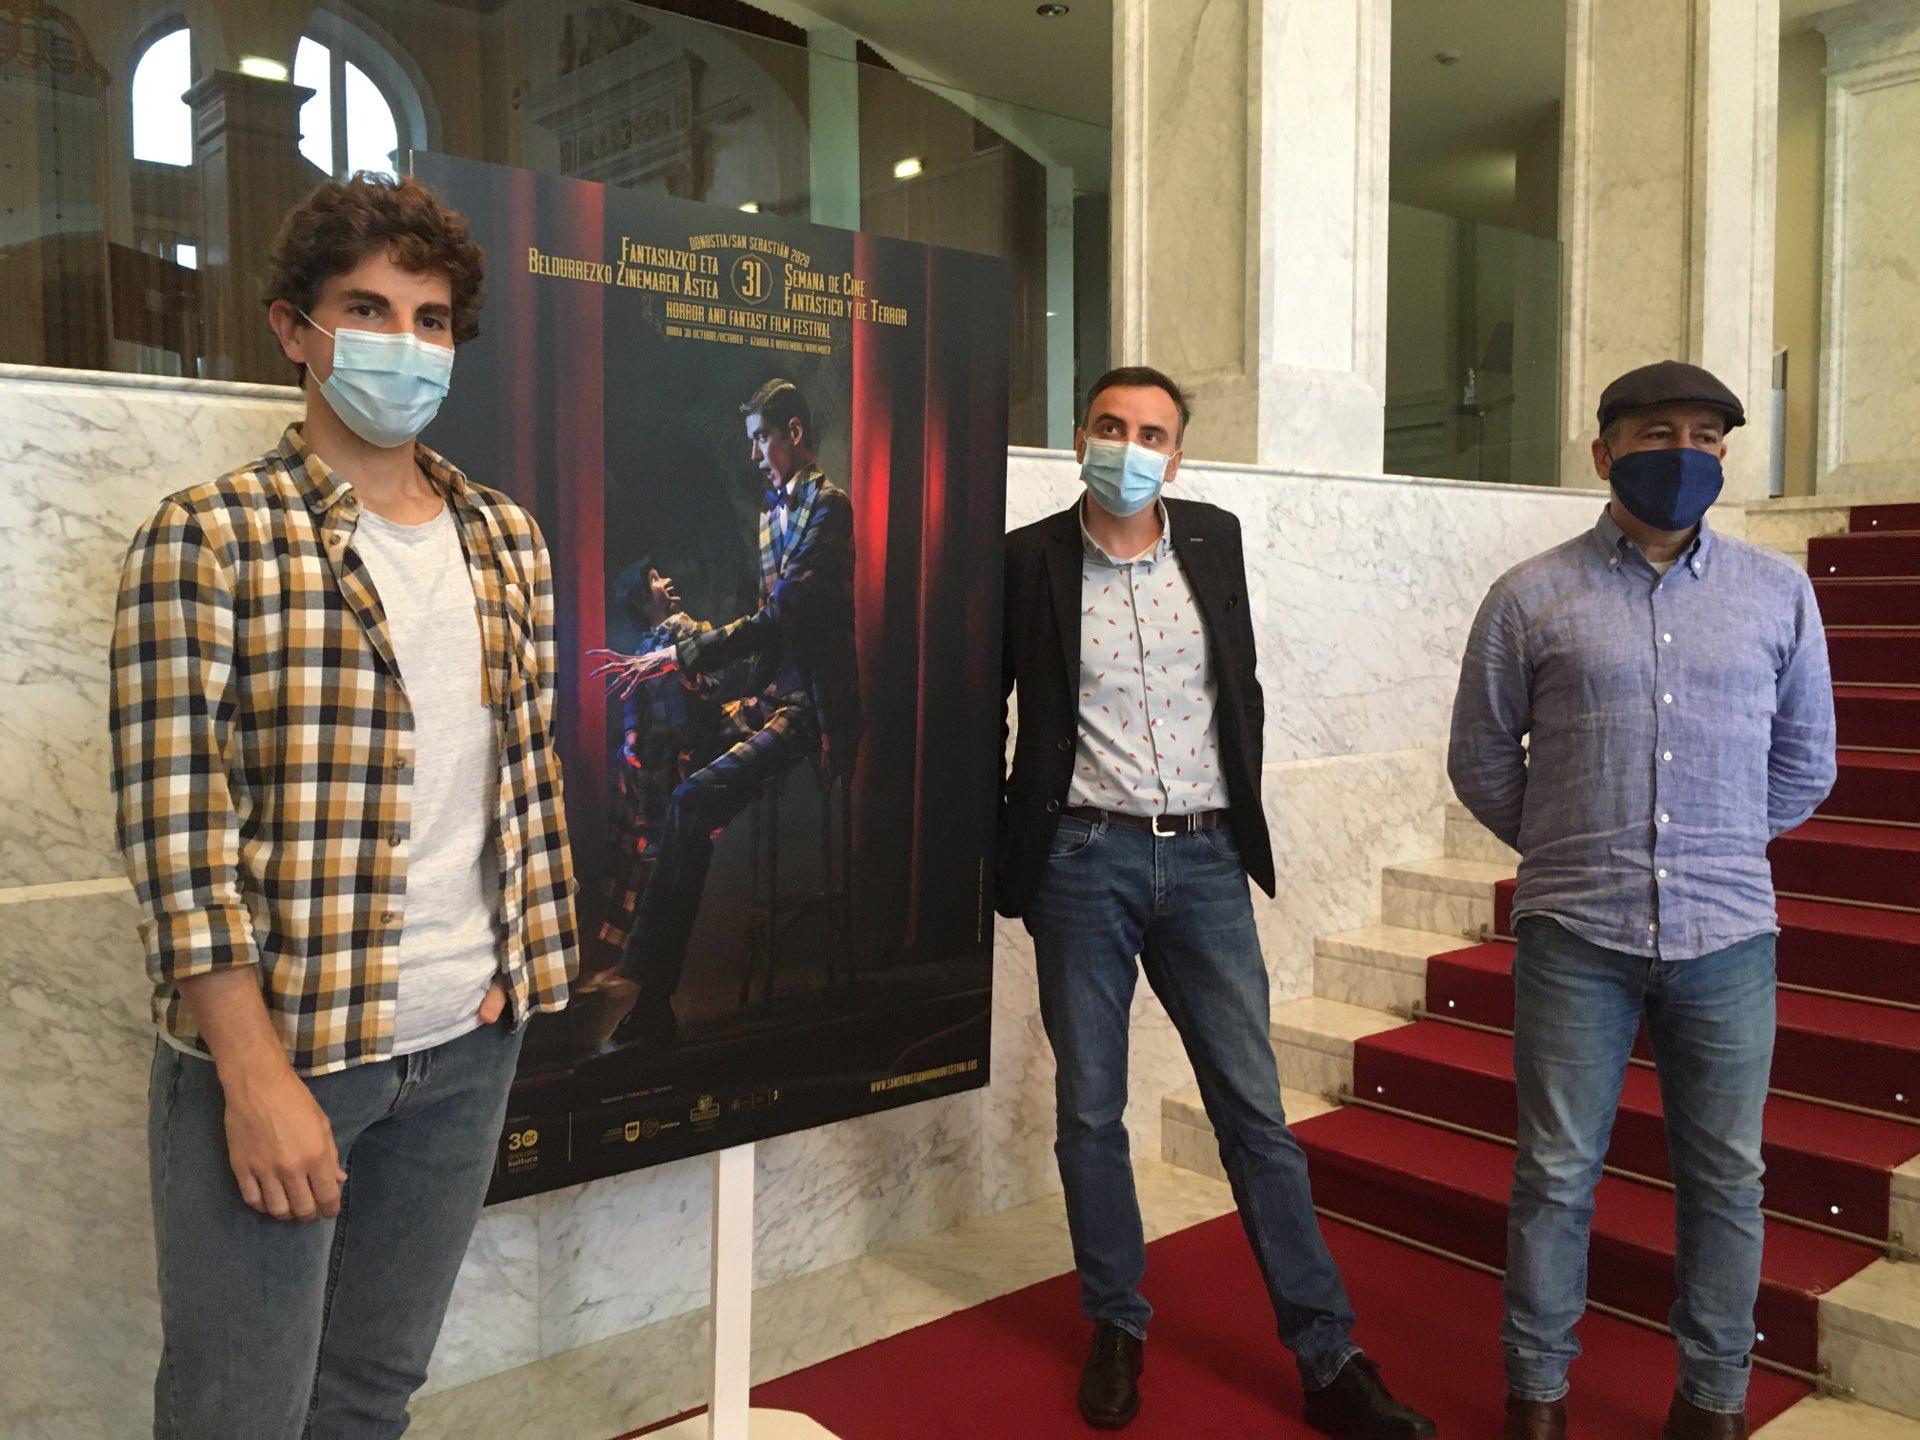 Presentación de la Semana de Cine Fantástico y de Terror. Foto: Donostia Kultura